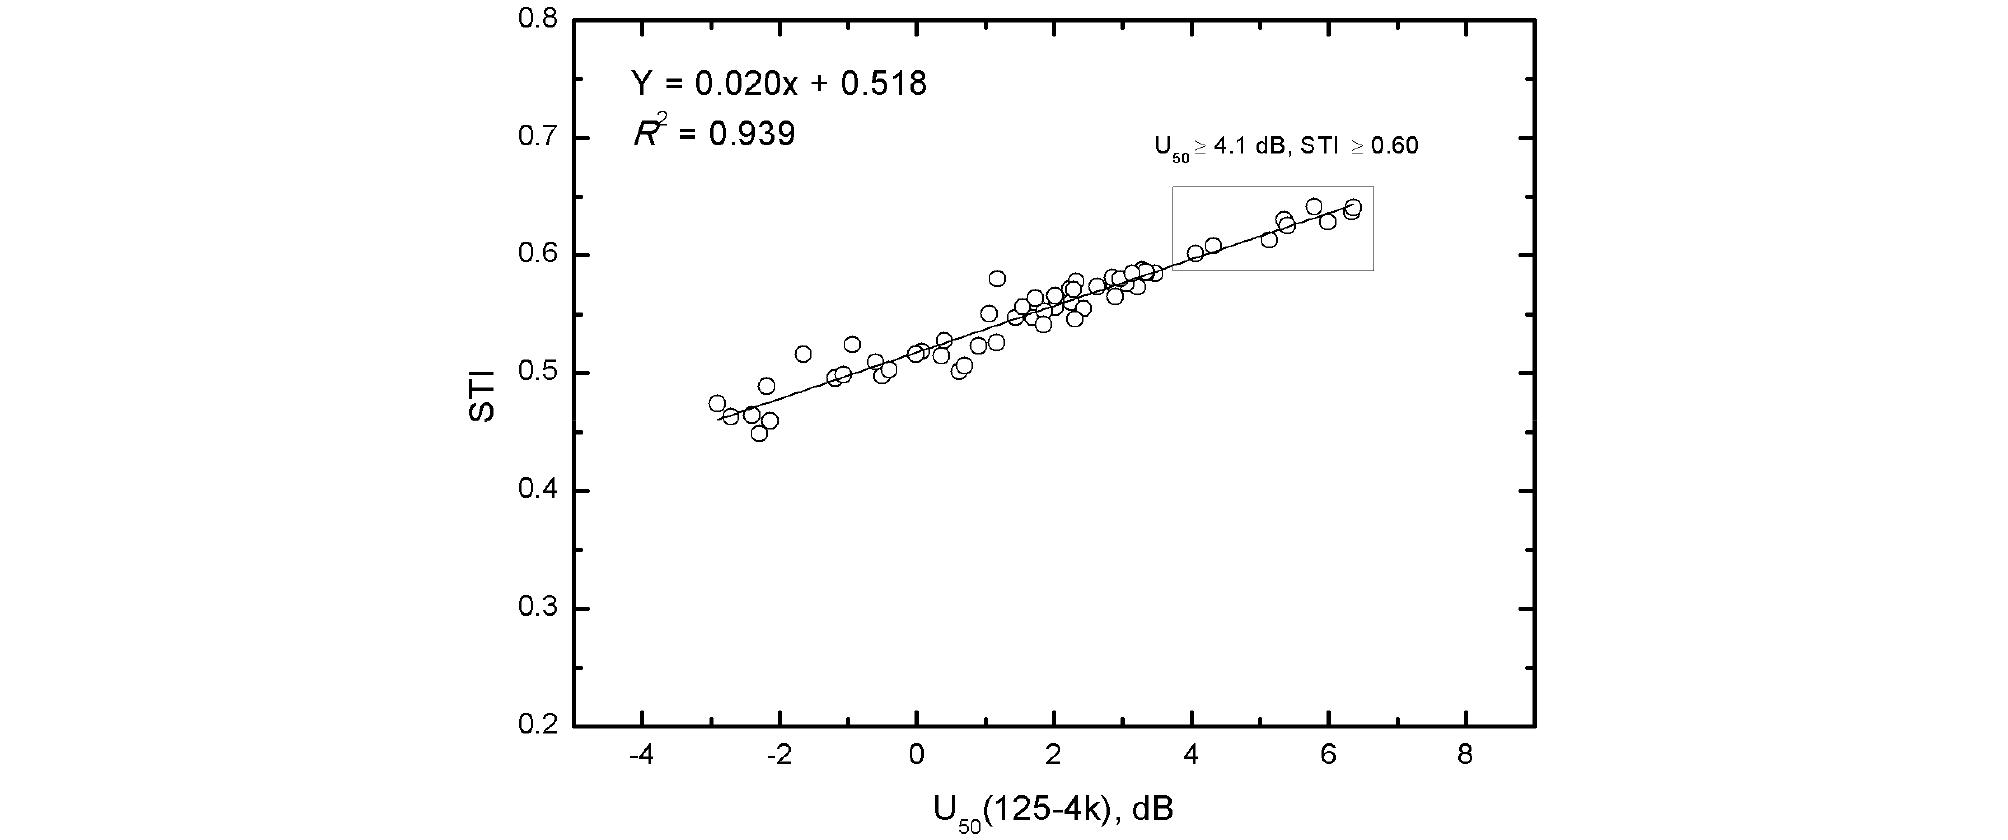 http://static.apub.kr/journalsite/sites/kiaebs/2020-014-01/N0280140109/images/Figure_KIAEBS_14_1_09_F4.jpg